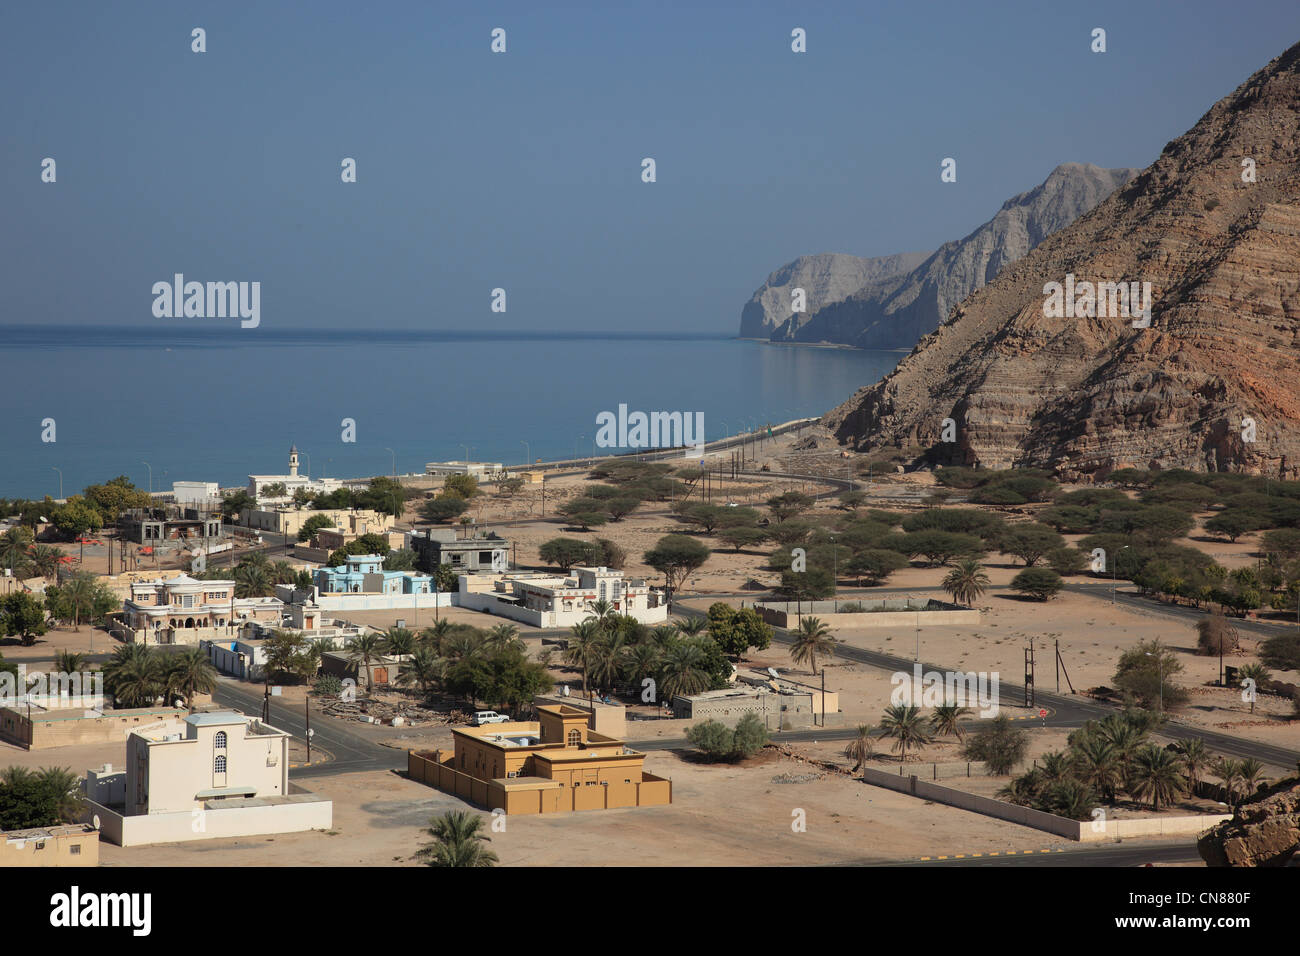 Bucht von Bukha, in der omanischen Enklave Musandam, Oman - Stock Image